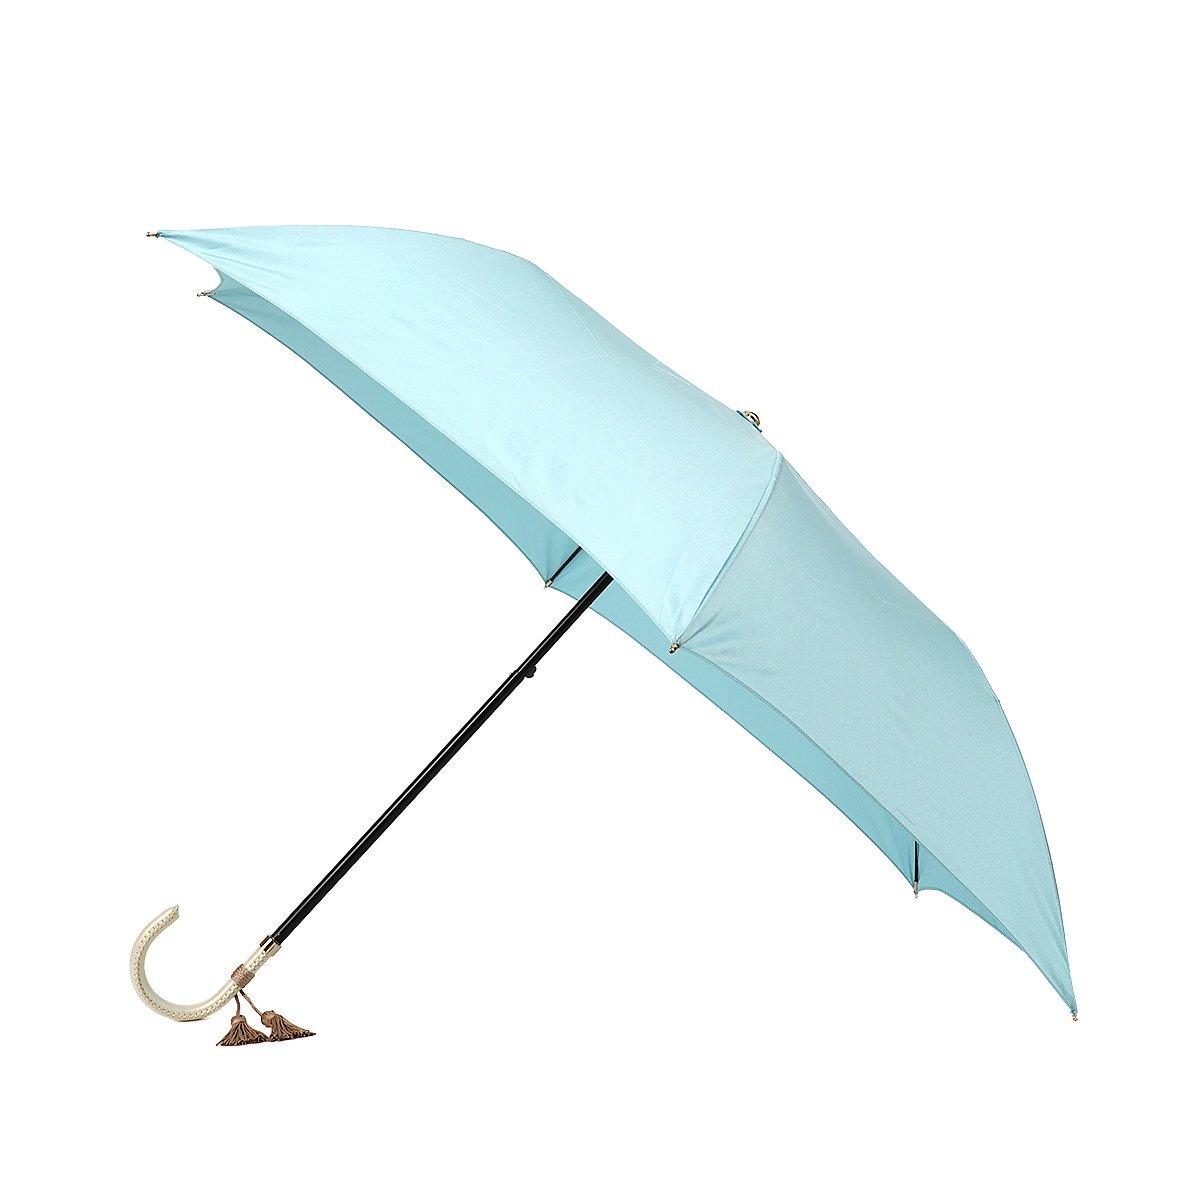 東京ノーブル 無地 折りたたみ傘 詳細画像8